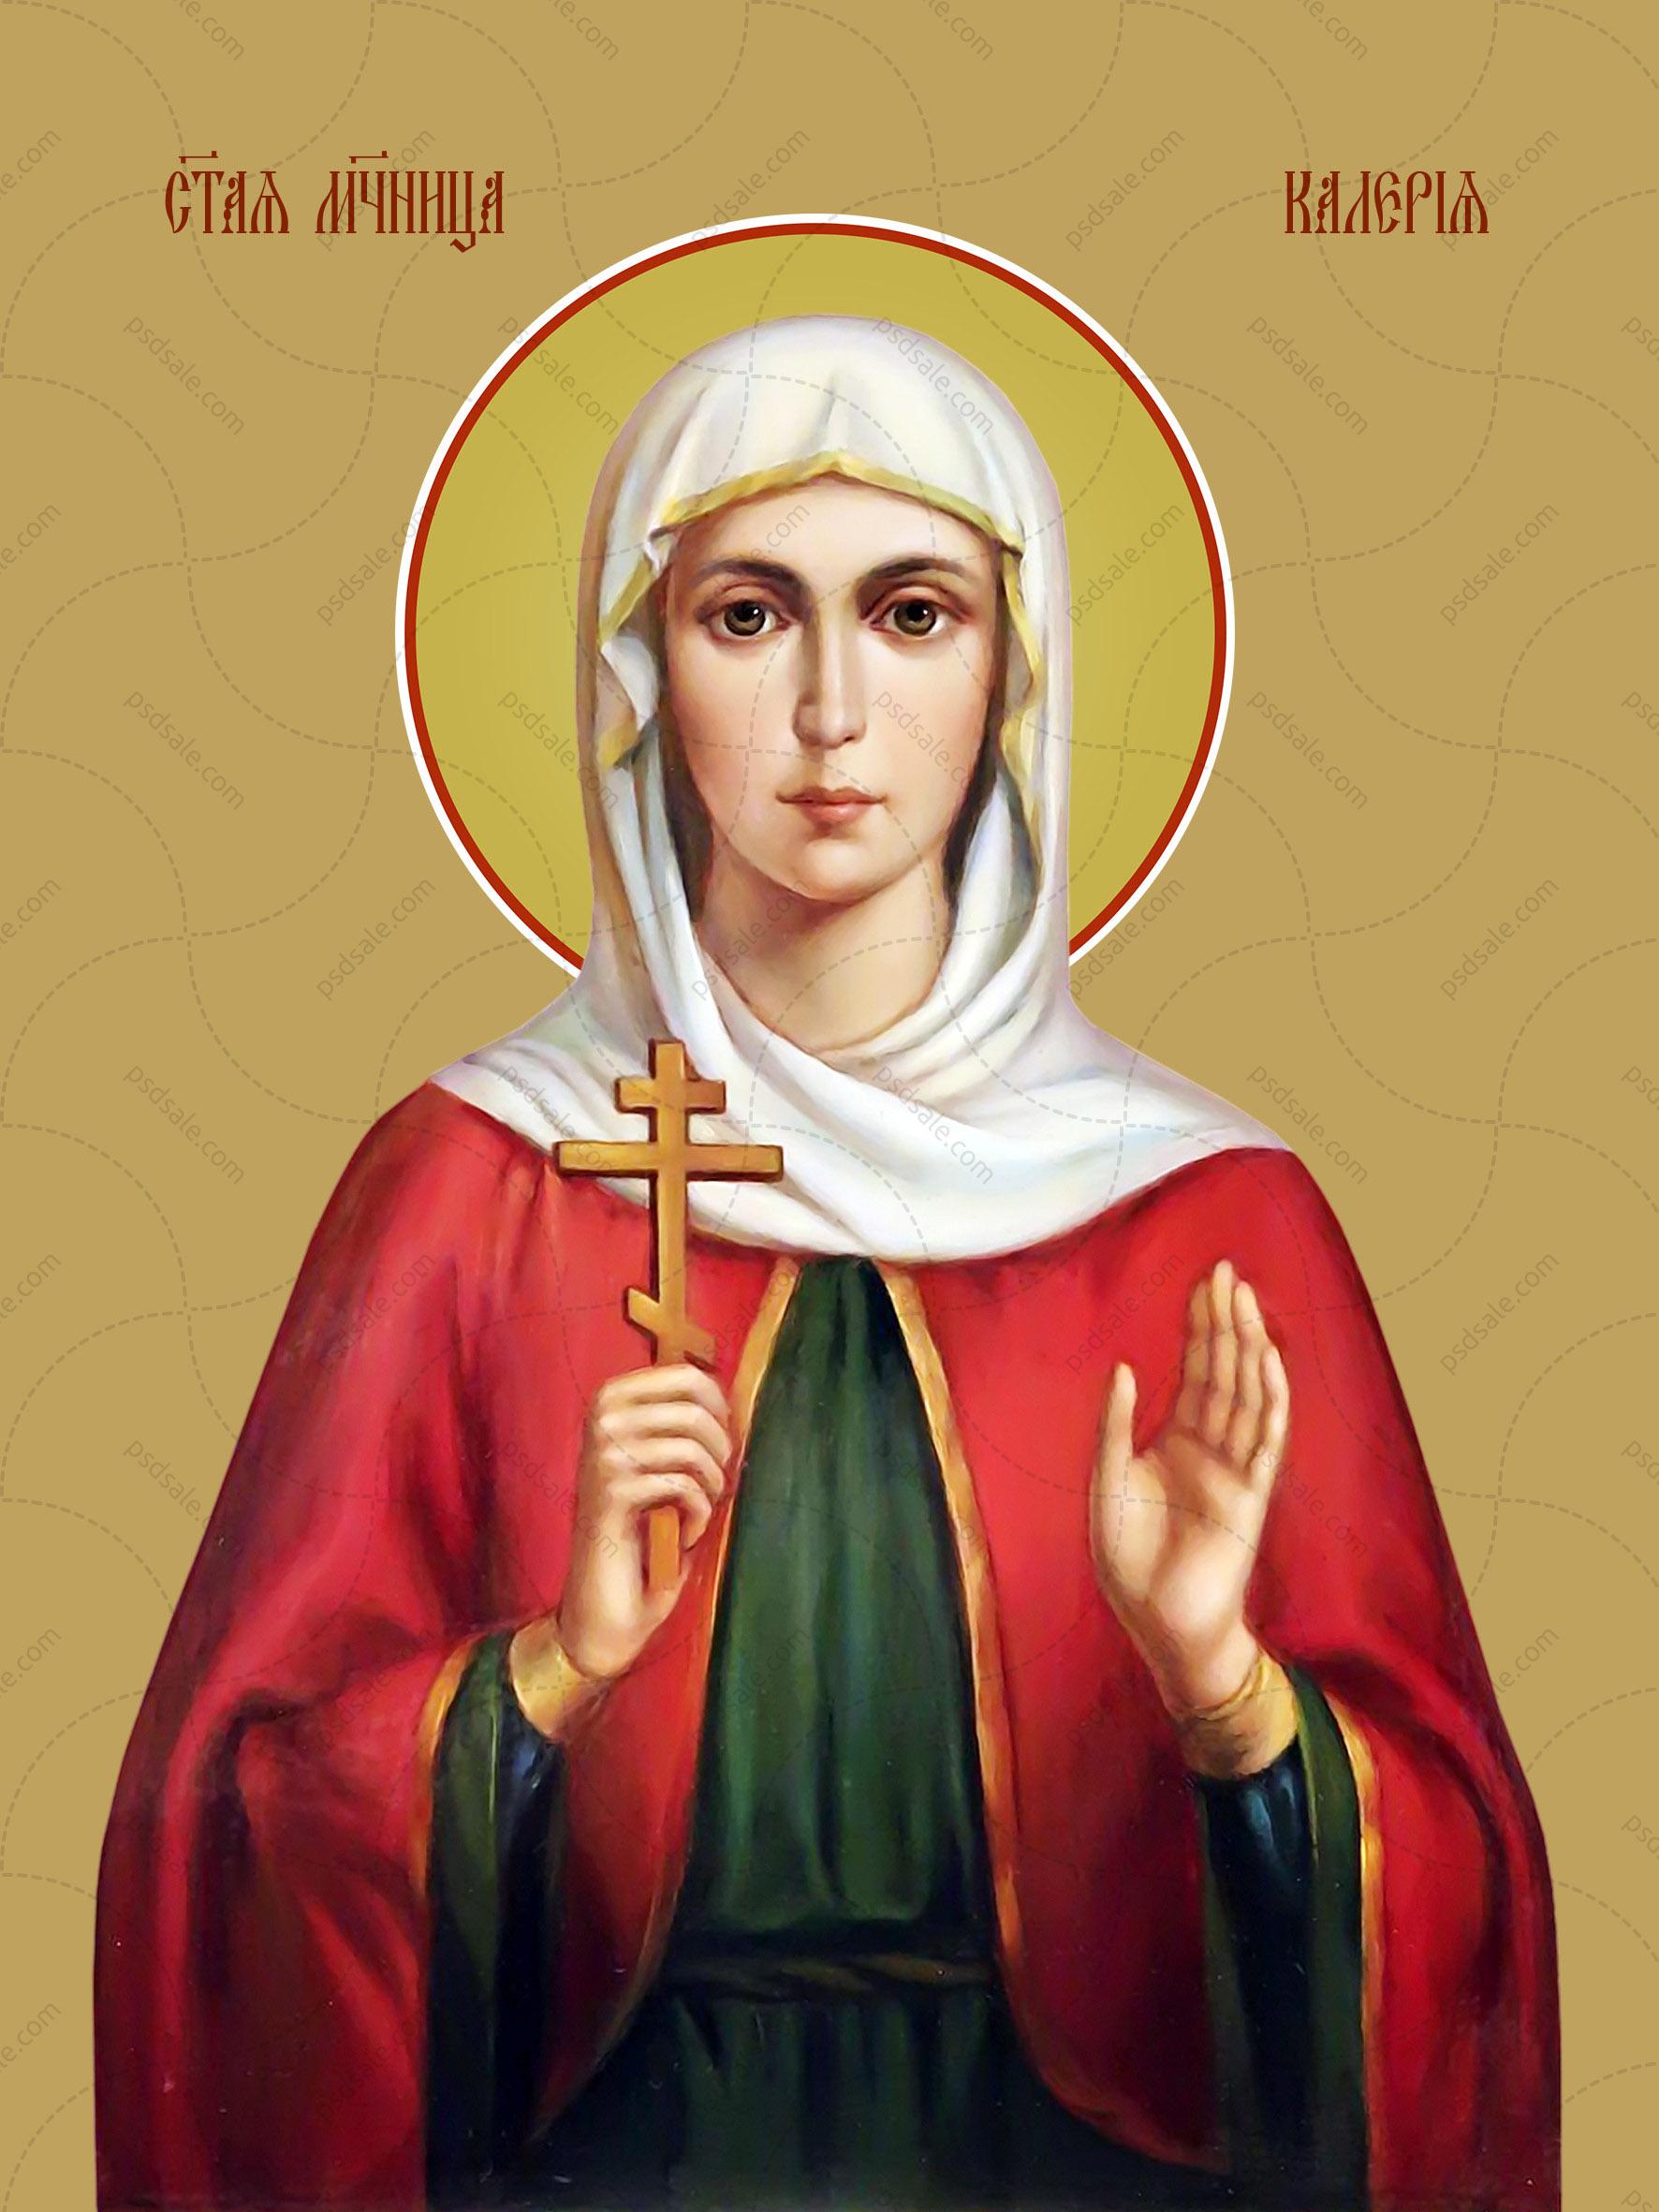 Калерия (Валерия), святая